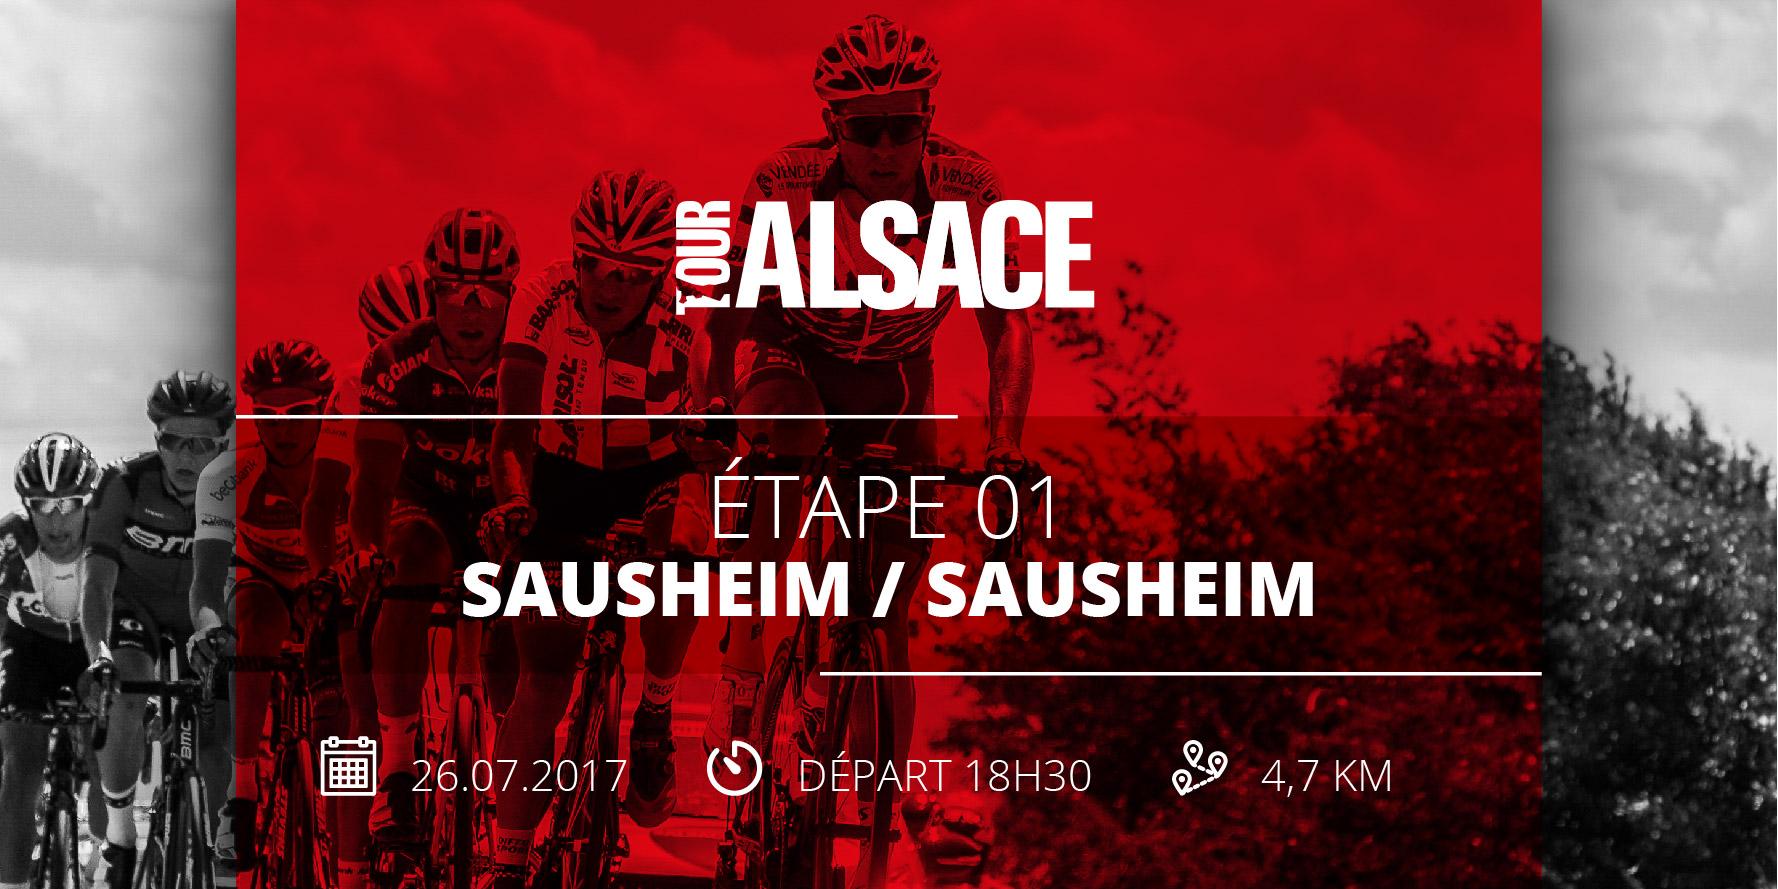 Tour Alsace 2017 étape à sausheim présentation sur circuit mercredi 26 juillet